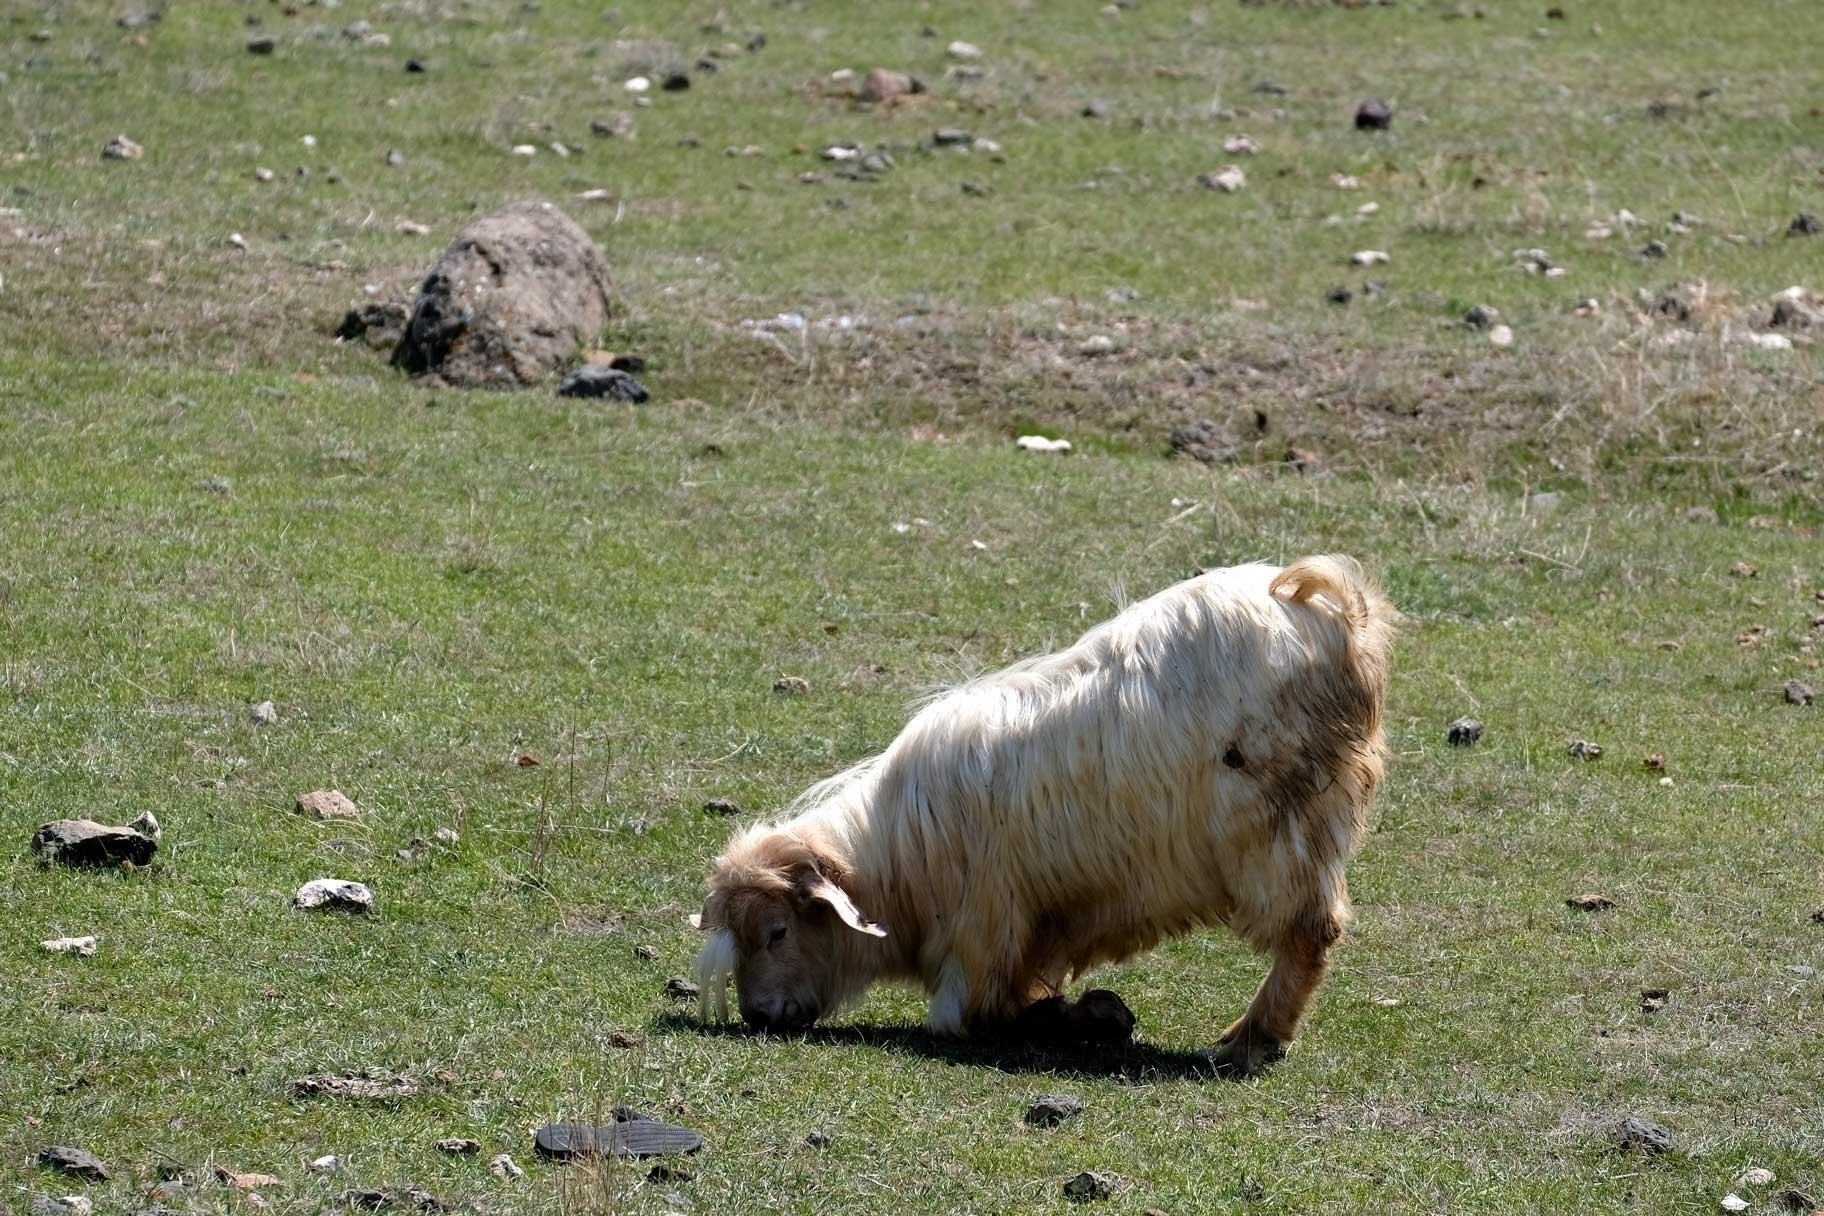 Eine Ziege kniet auf den Vorderbeinen und frisst Gras